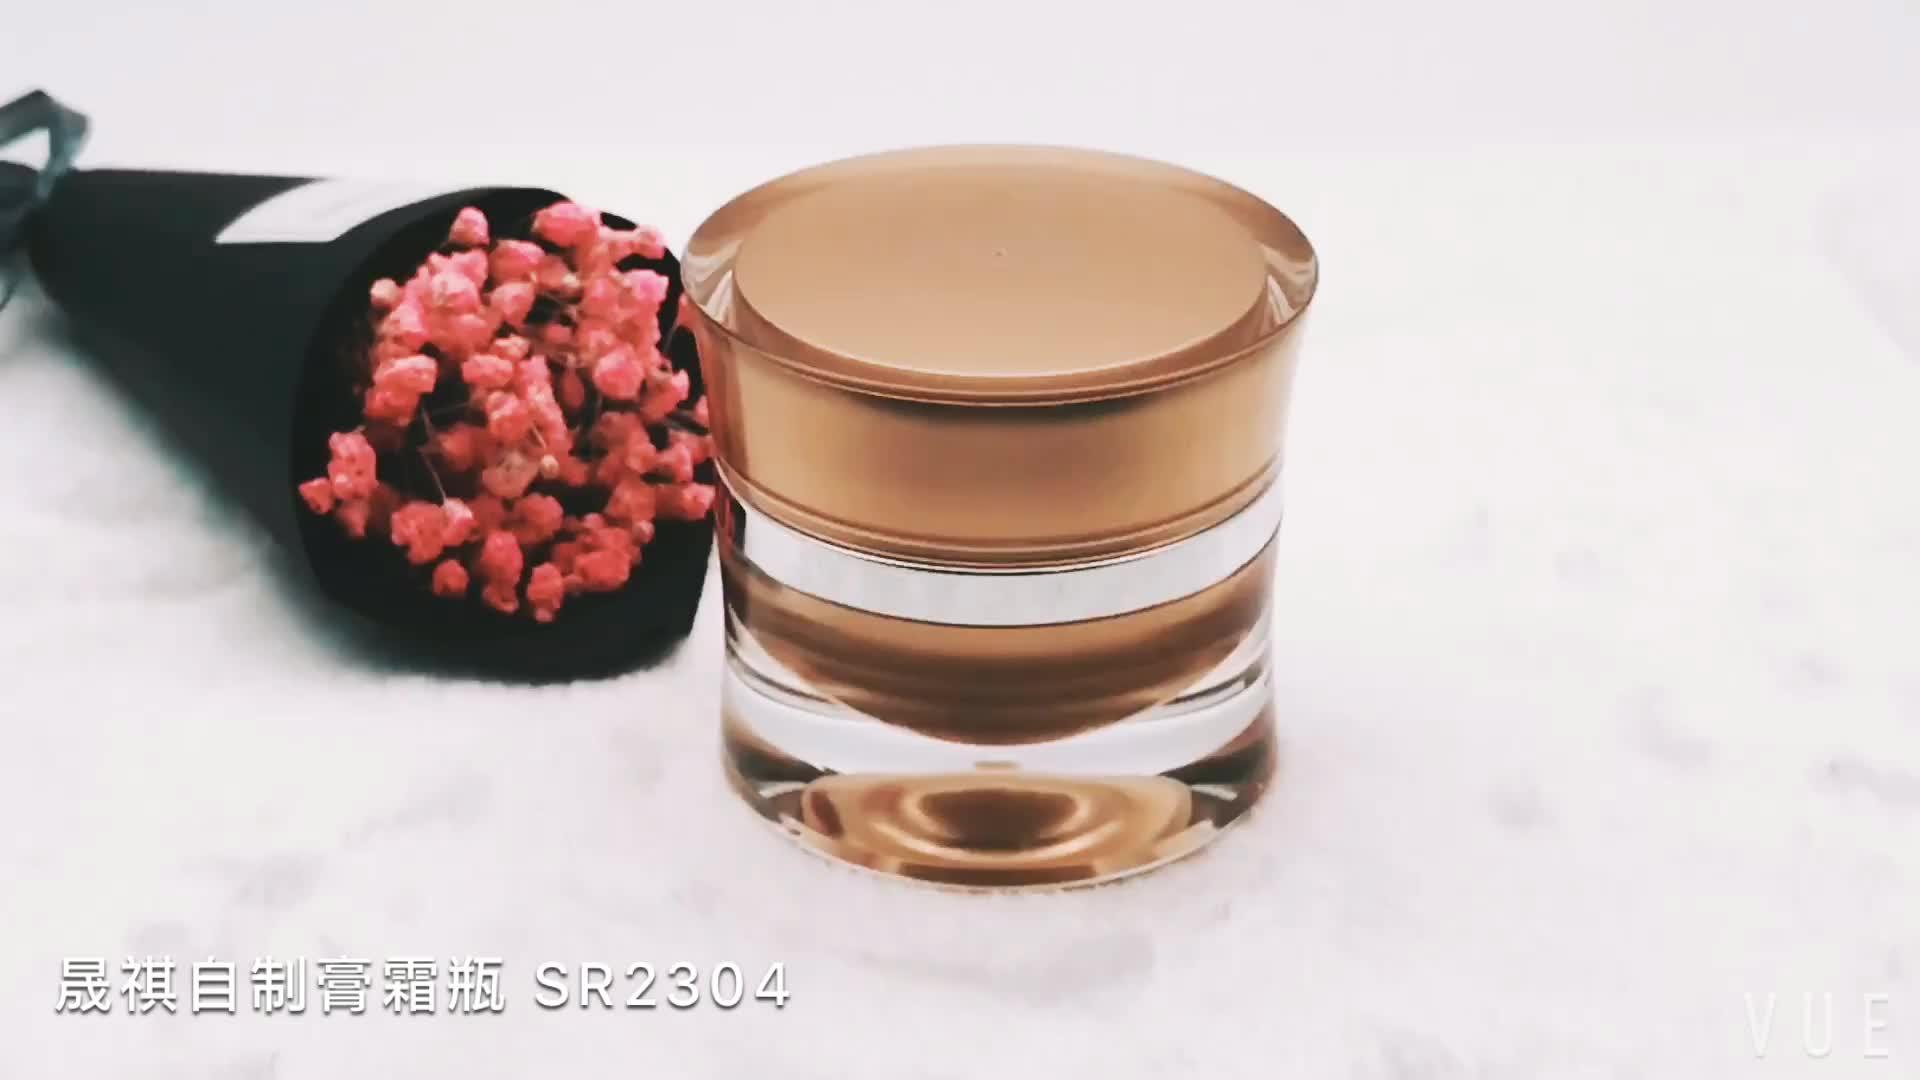 50G 57G al por mayor cremas cosméticas embalaje eco amigable reciclado frascos cosméticos de plástico cara crema cosmética de plástico